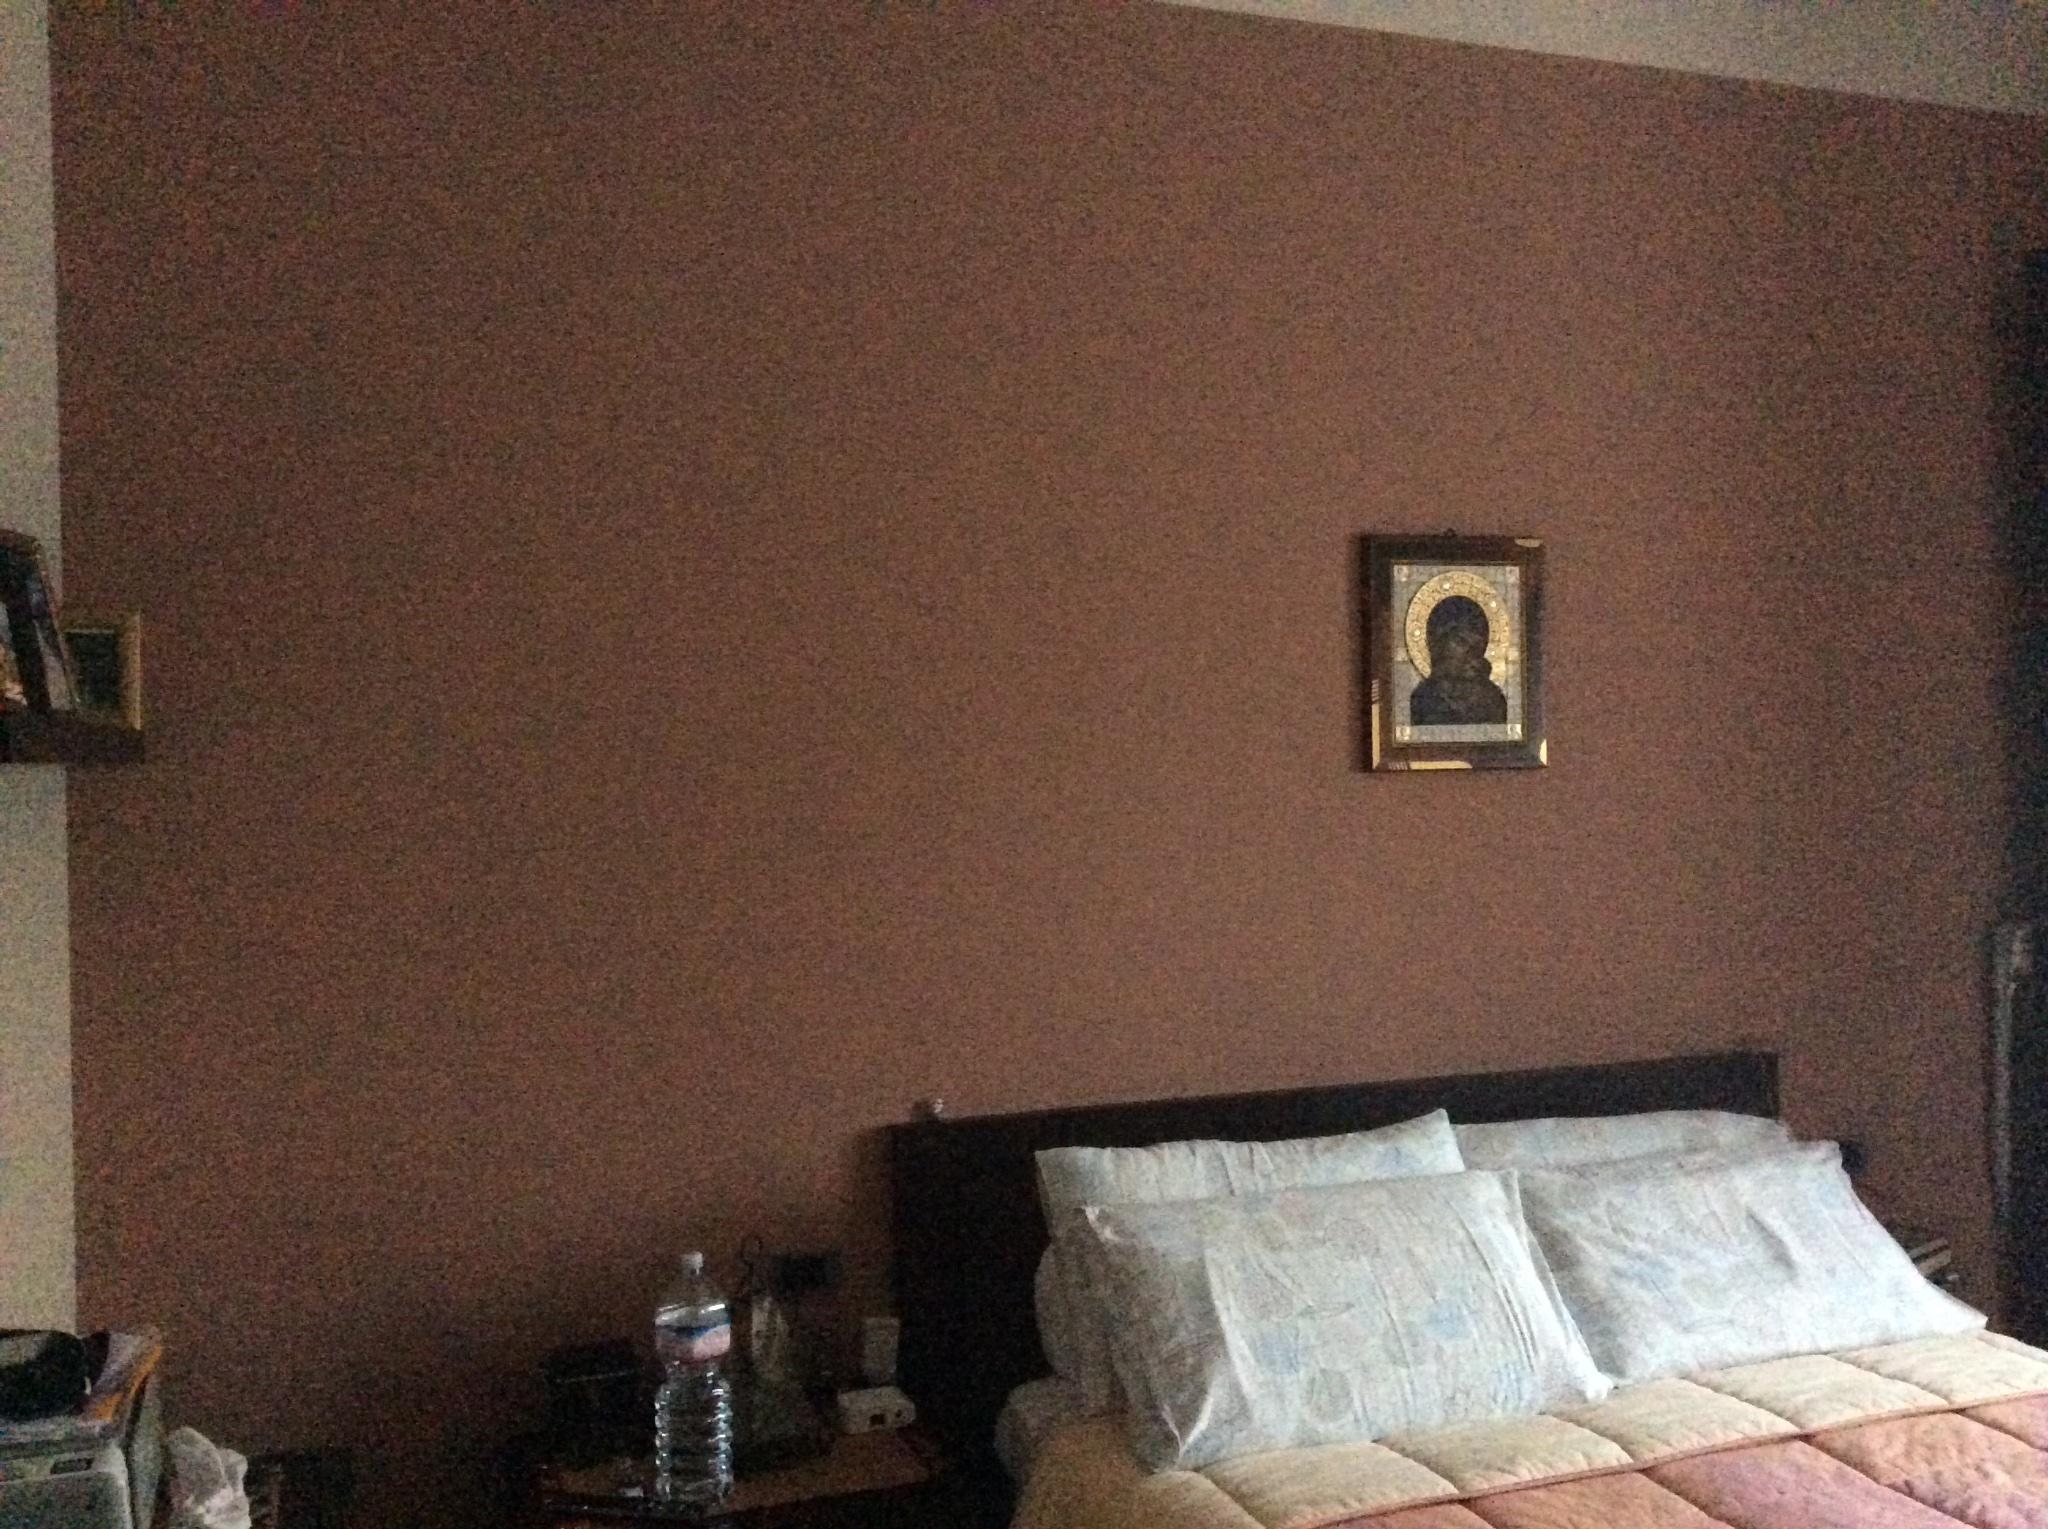 Costruzione armadio mensole su parete sopra letto for Parete testiera letto